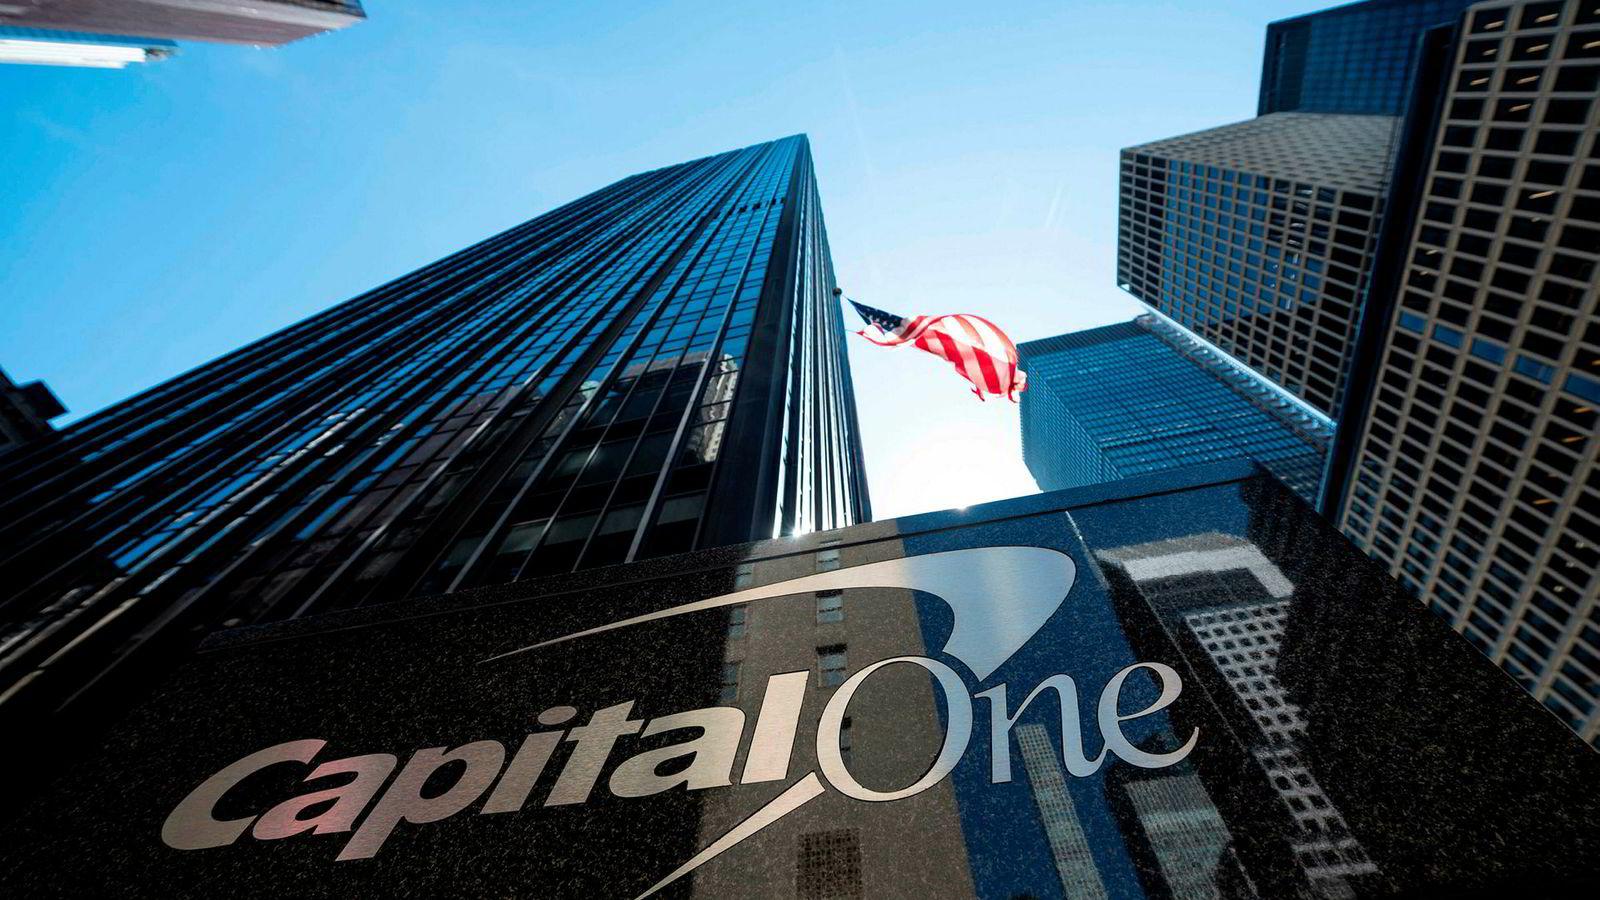 USAs femte største utsteder av kredittkort, Capital One, er blitt utsatt for et omfattende dataangrep